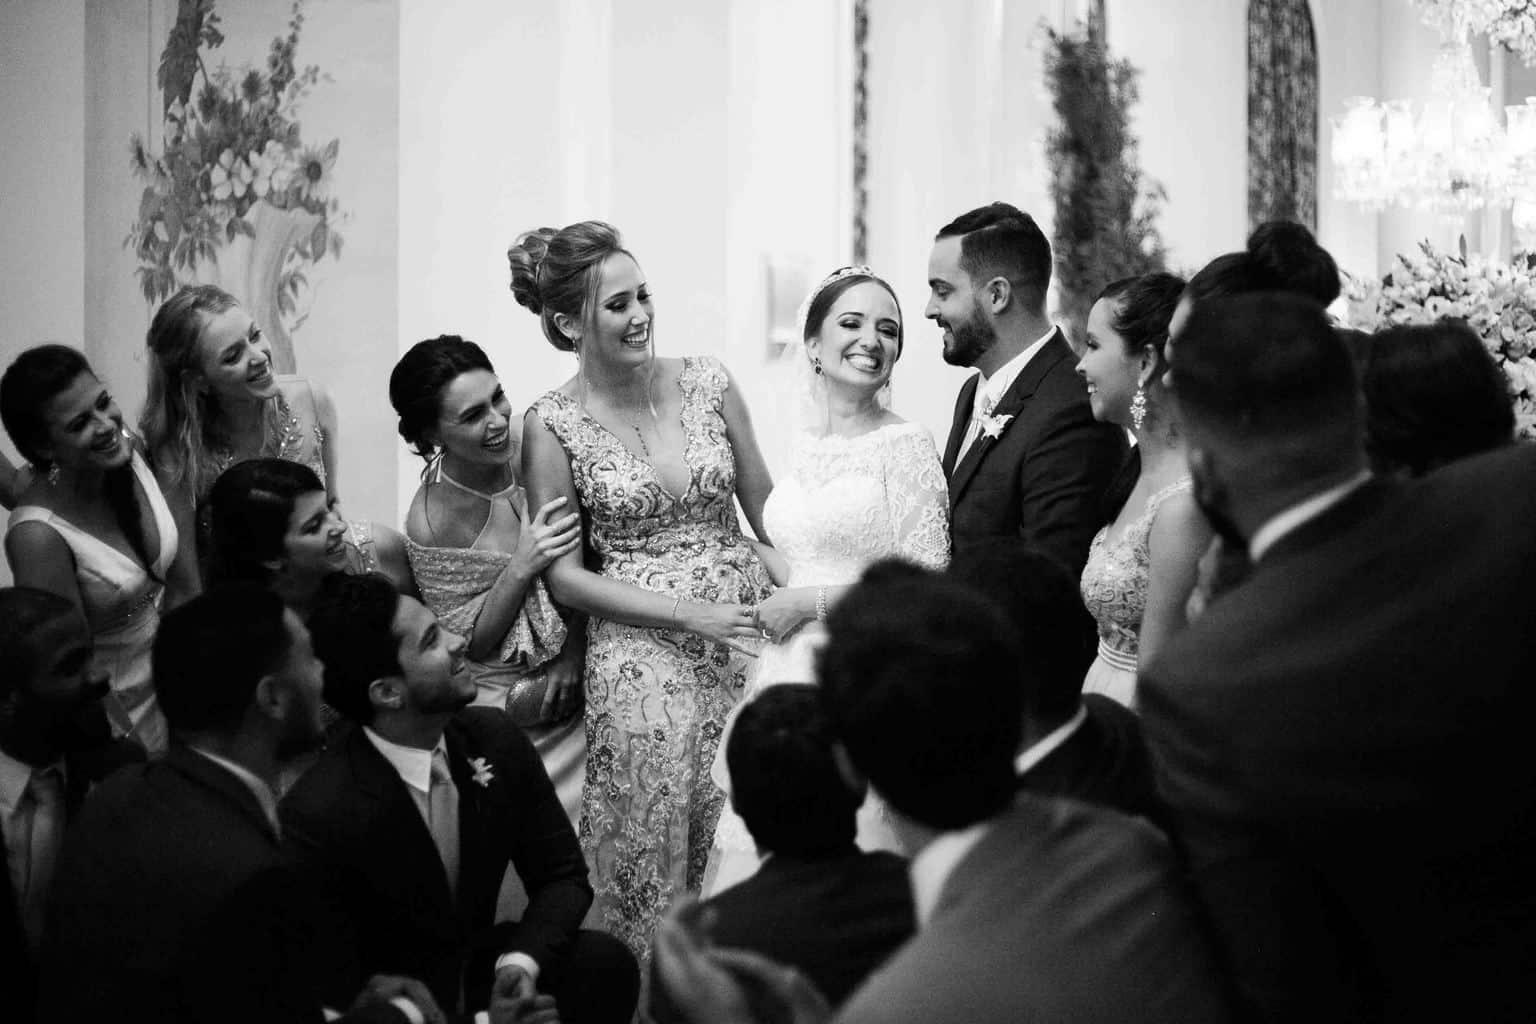 Casamento-Clássico-Casamento-tradicional-Copacabana-Palace-Monica-Roias-Padrinhos-Ribas-Foto-e-Vídeo-Tuanny-e-Bernardo-CaseMe-2